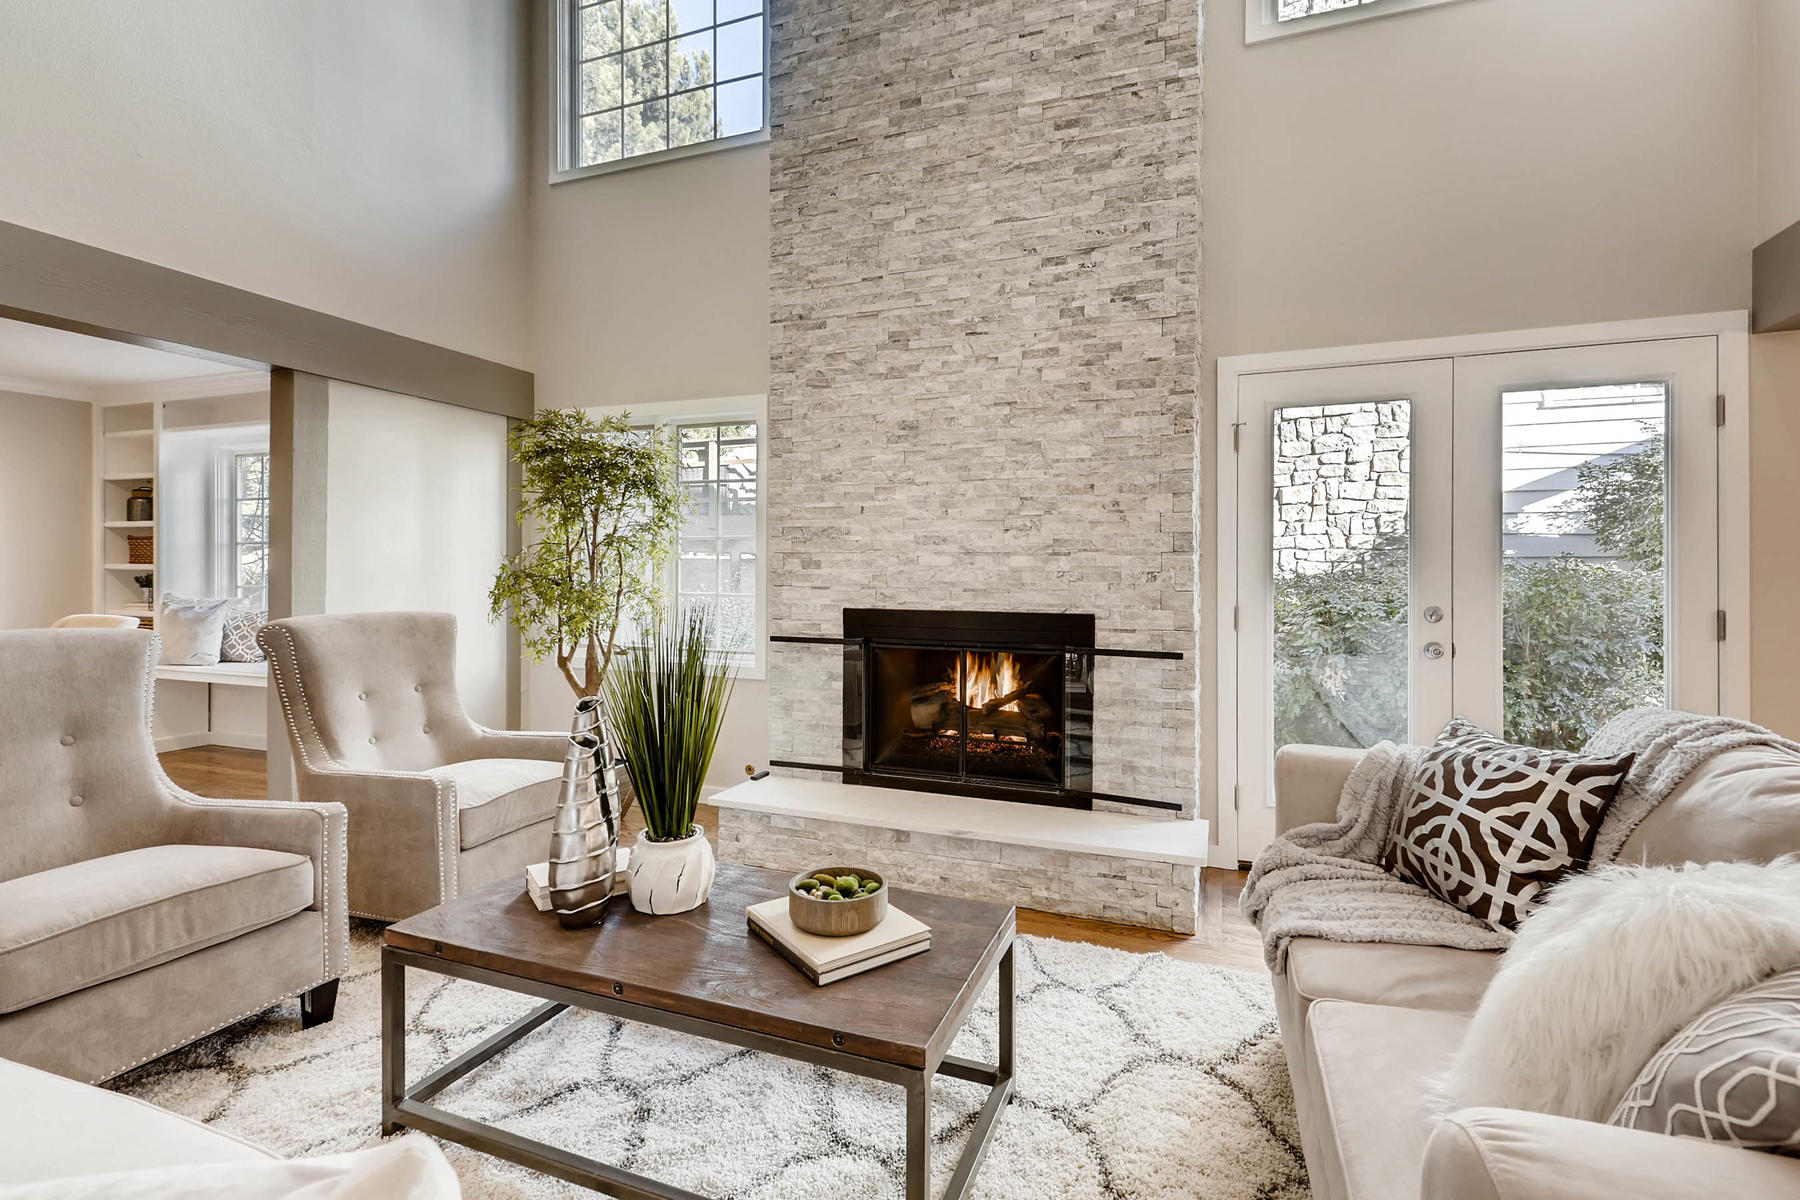 4505 S Yosemite St 132 Denver-MLS_Size-005-33-Living Room-1800x1200-72dpi.jpg